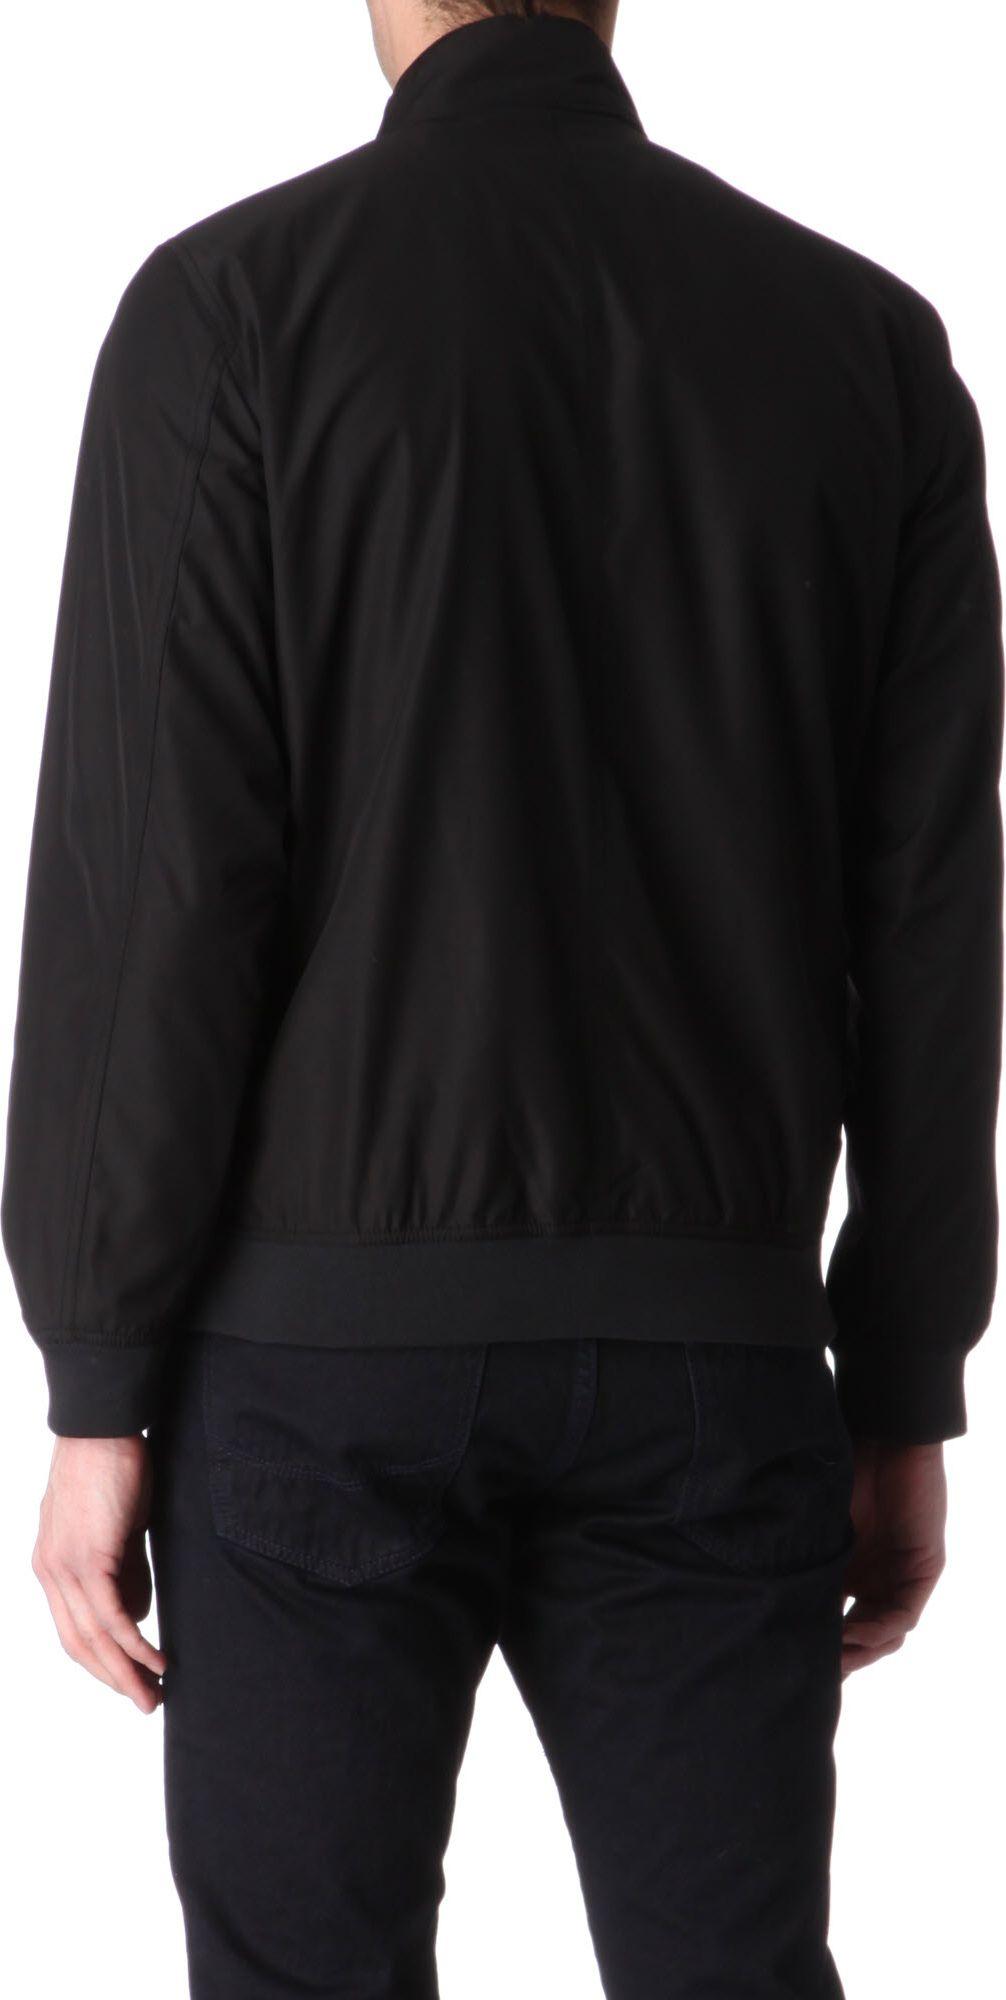 ec11287089cbd9 Ted Baker Bomber Jacket in Black for Men - Lyst